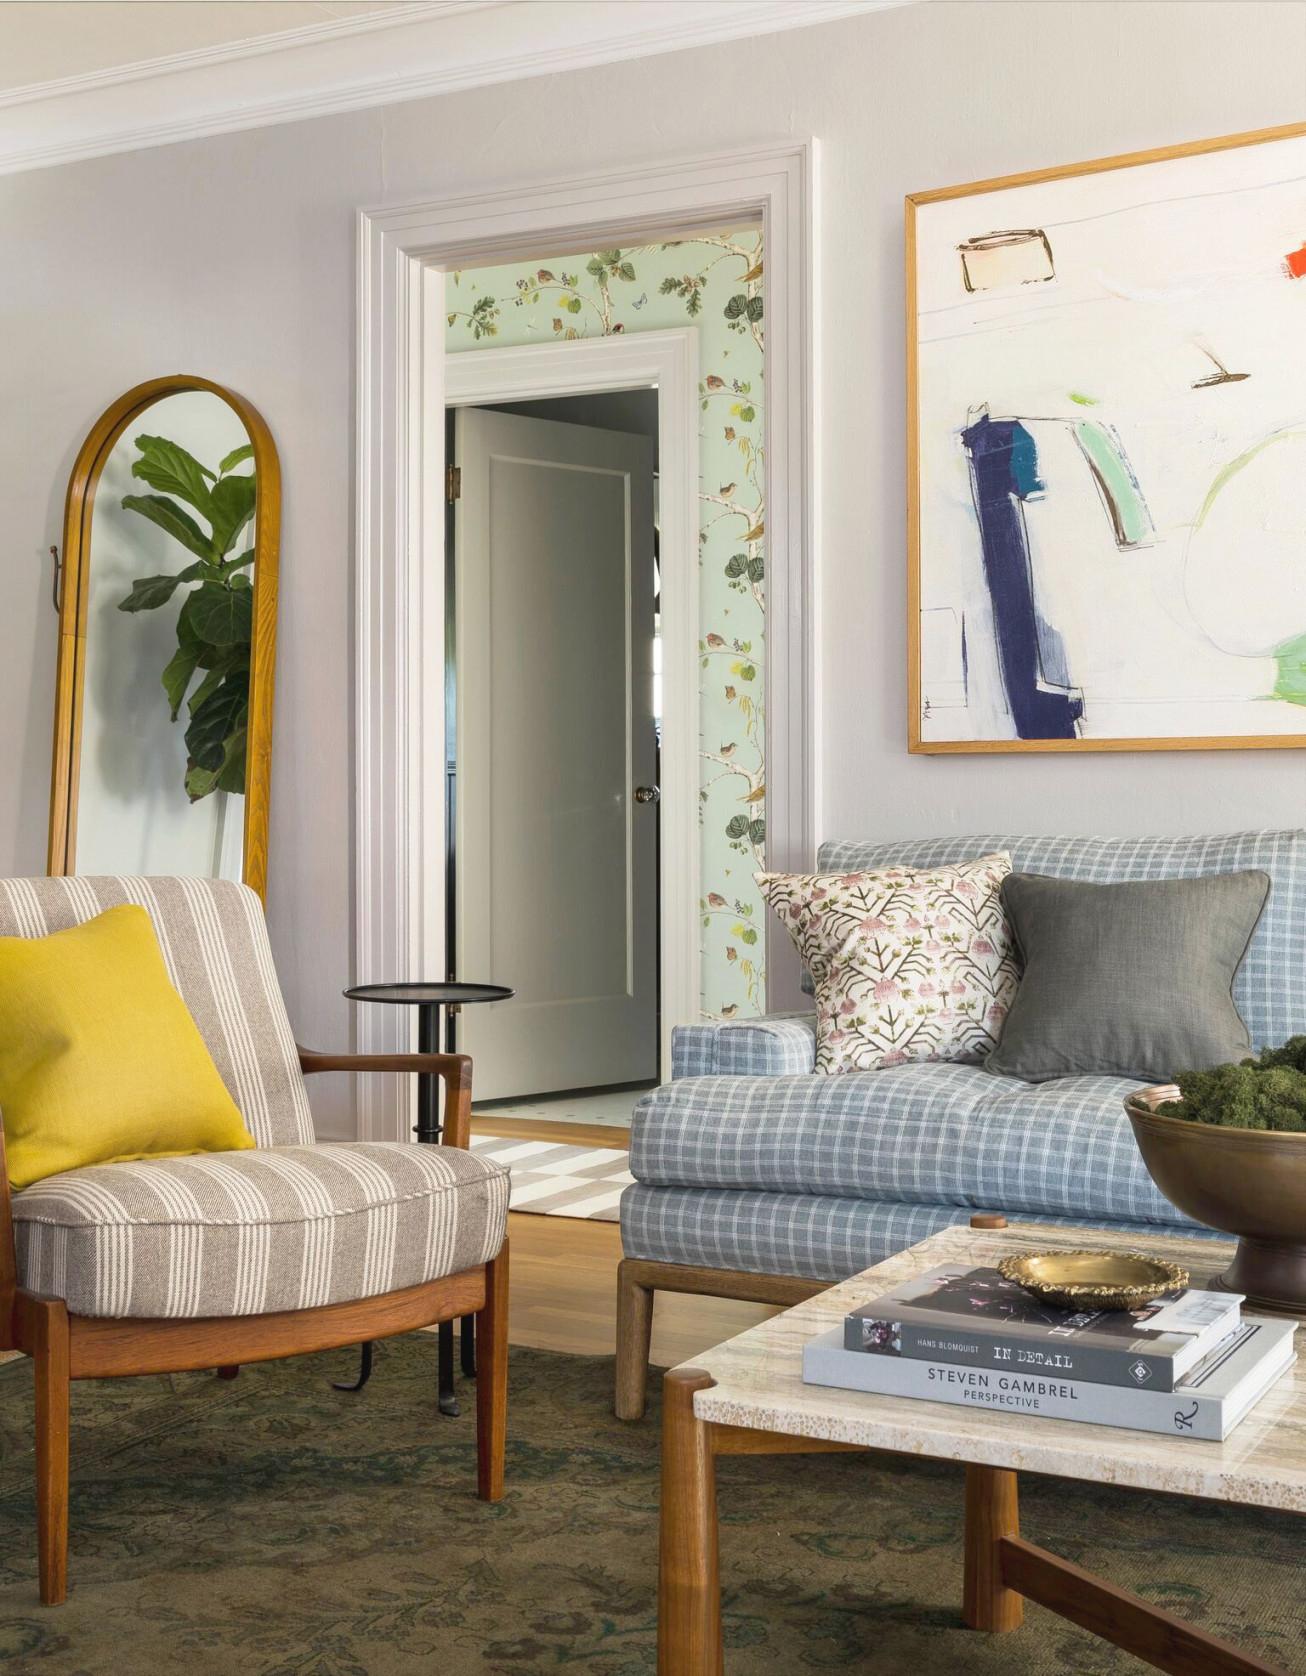 35 Best Living Room Color Ideas – Top Paint Colors For intended for Wall Paint Colors For Living Room